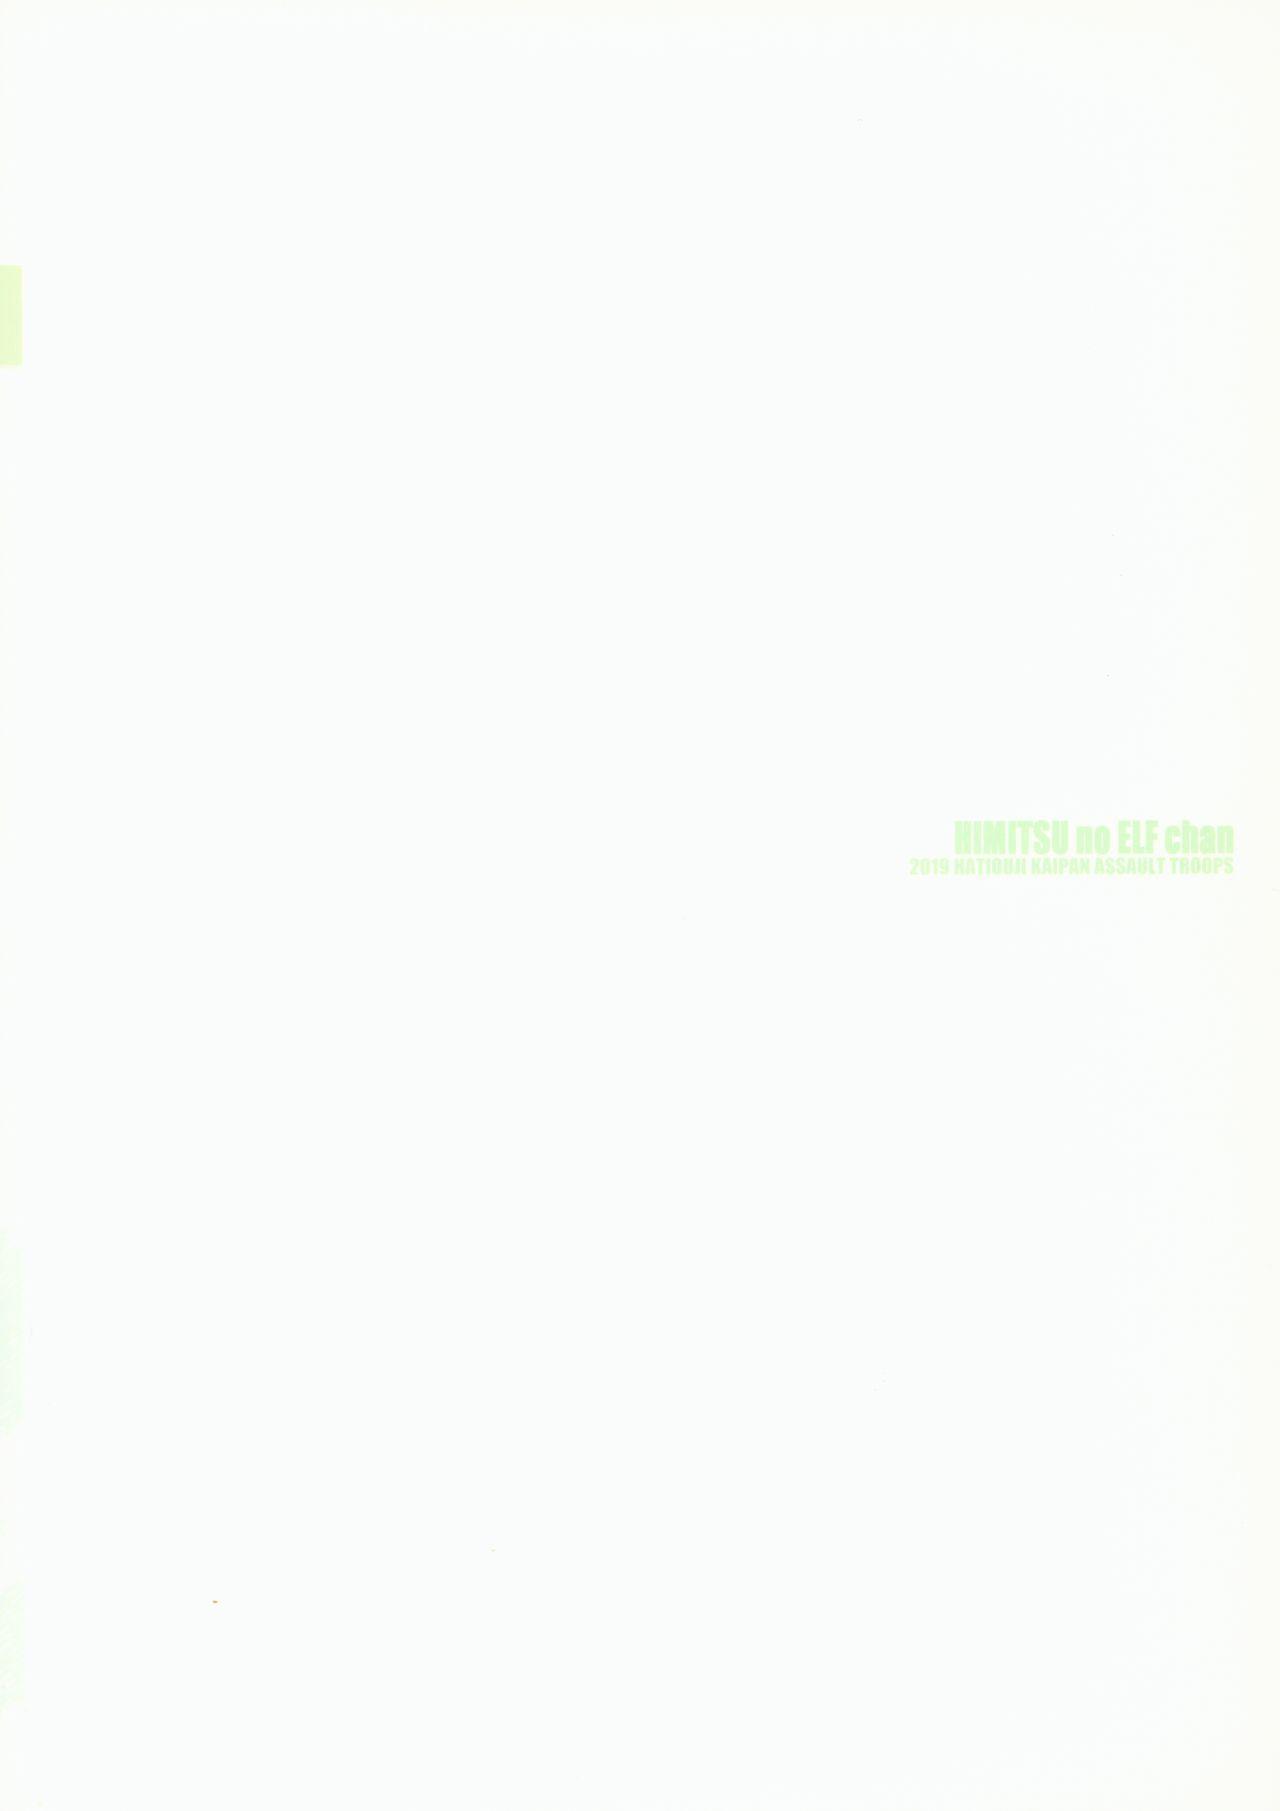 (C96) [Hachiouji Kaipan Totsugeki Kiheitai (Makita Yoshiharu)] Himitsu no Elf-chan   Secret Elf-chan [English] [EHCOVE] 17